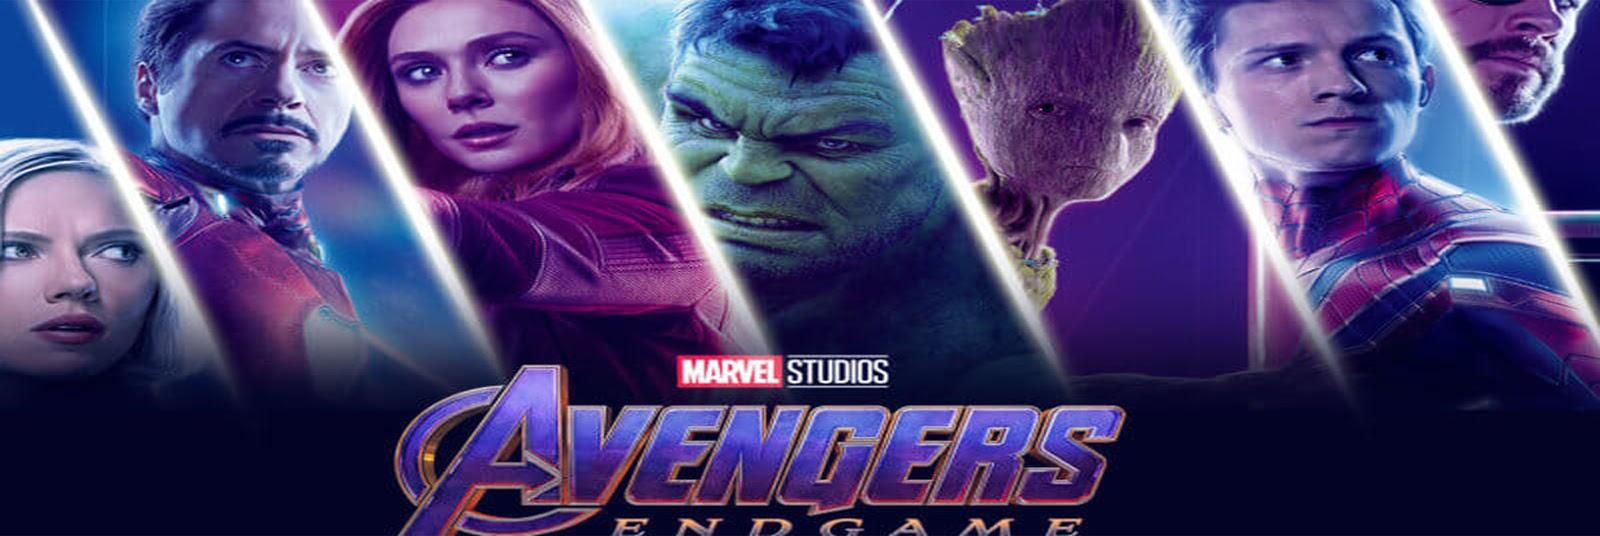 Avengers: Endgame (2019) English HC HDCam-Rip 720P – x264